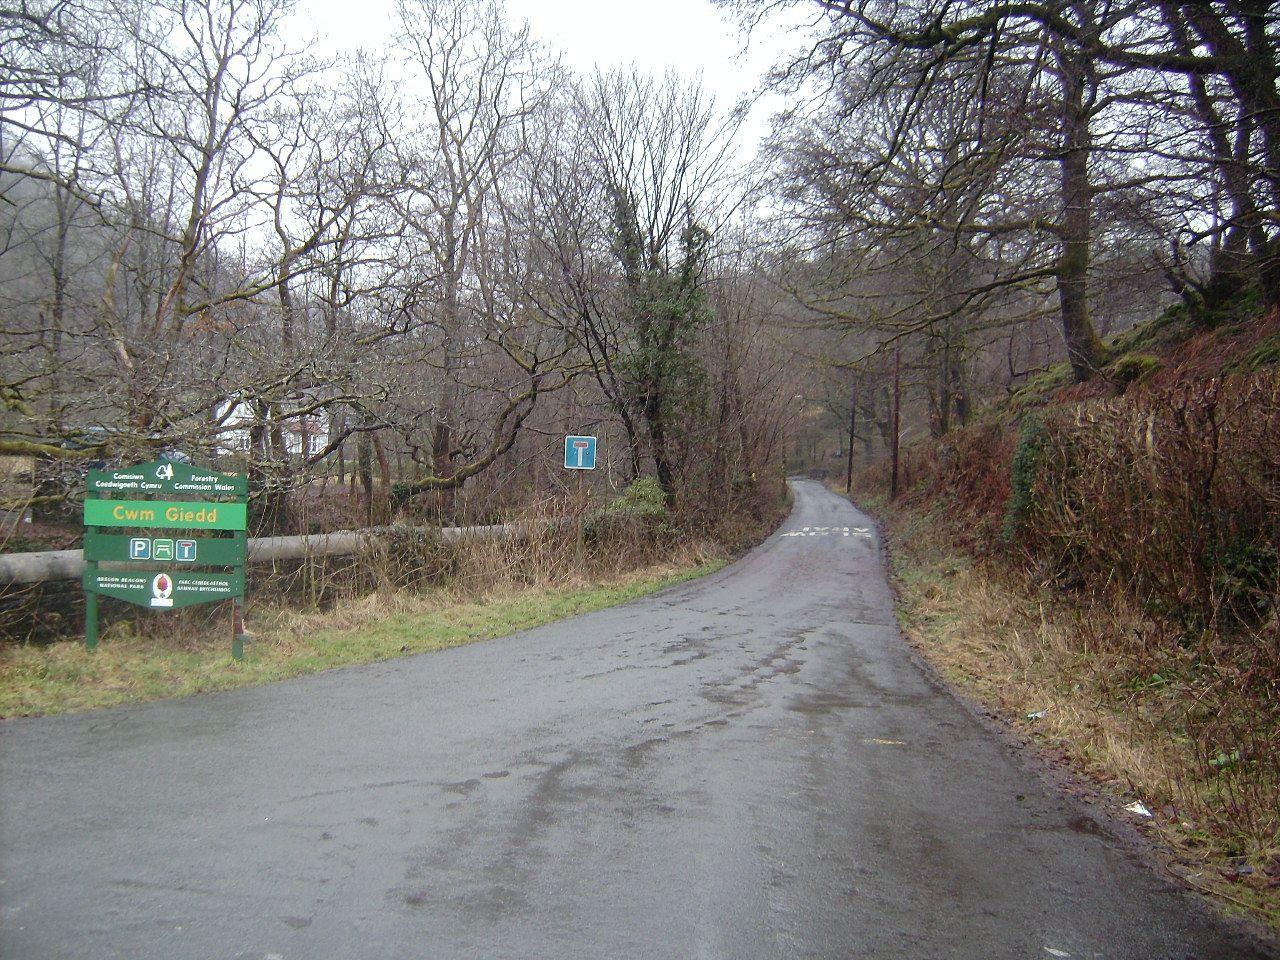 Cwmgiedd picnic area